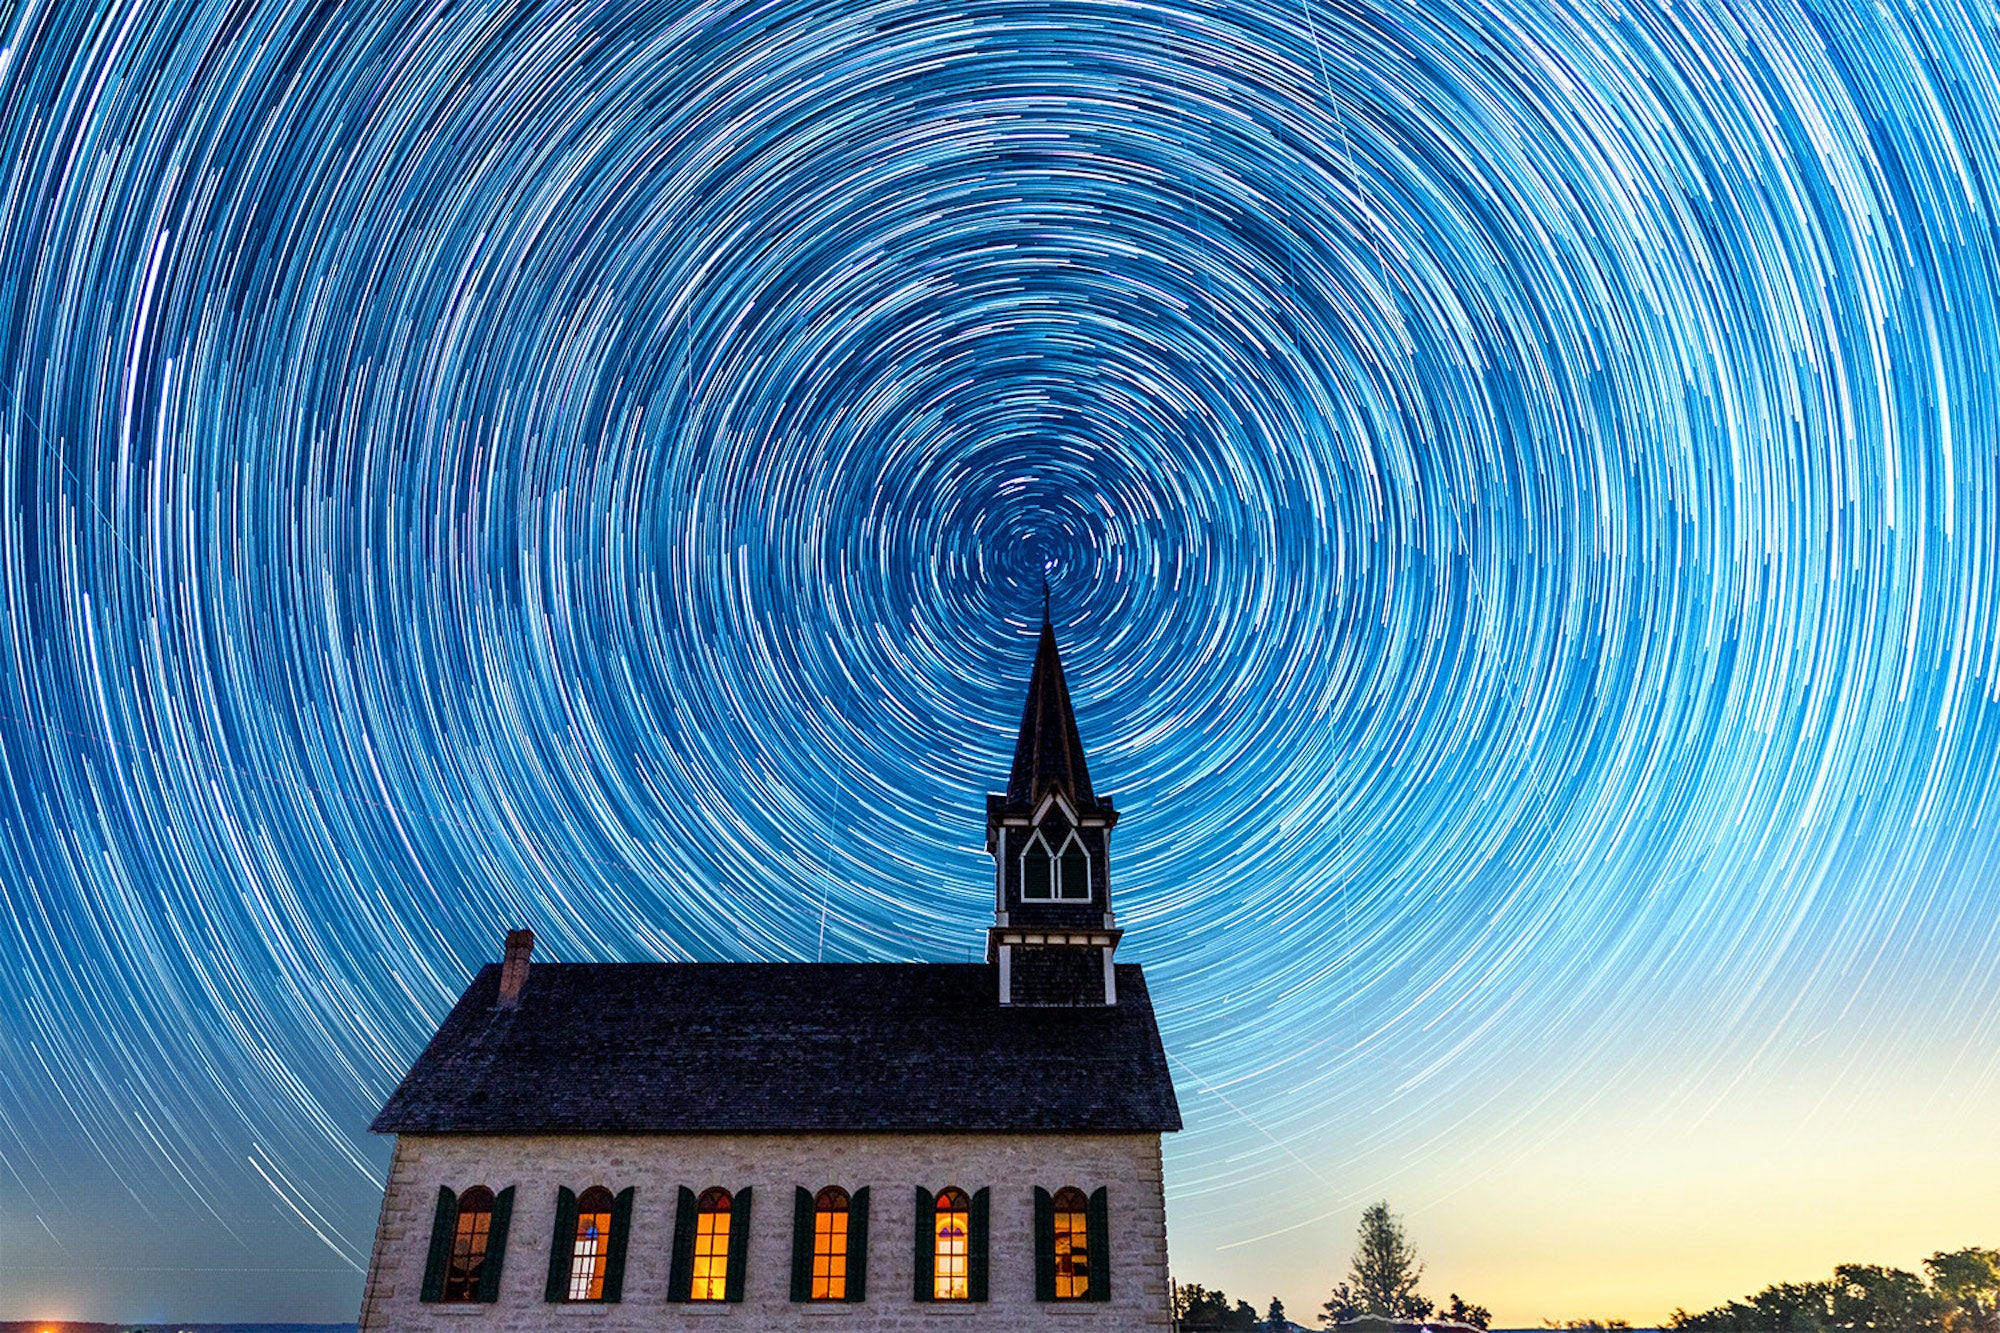 Alpha-Universe-WIMB-Andy-Luten-rock-church-star-trails.jpg